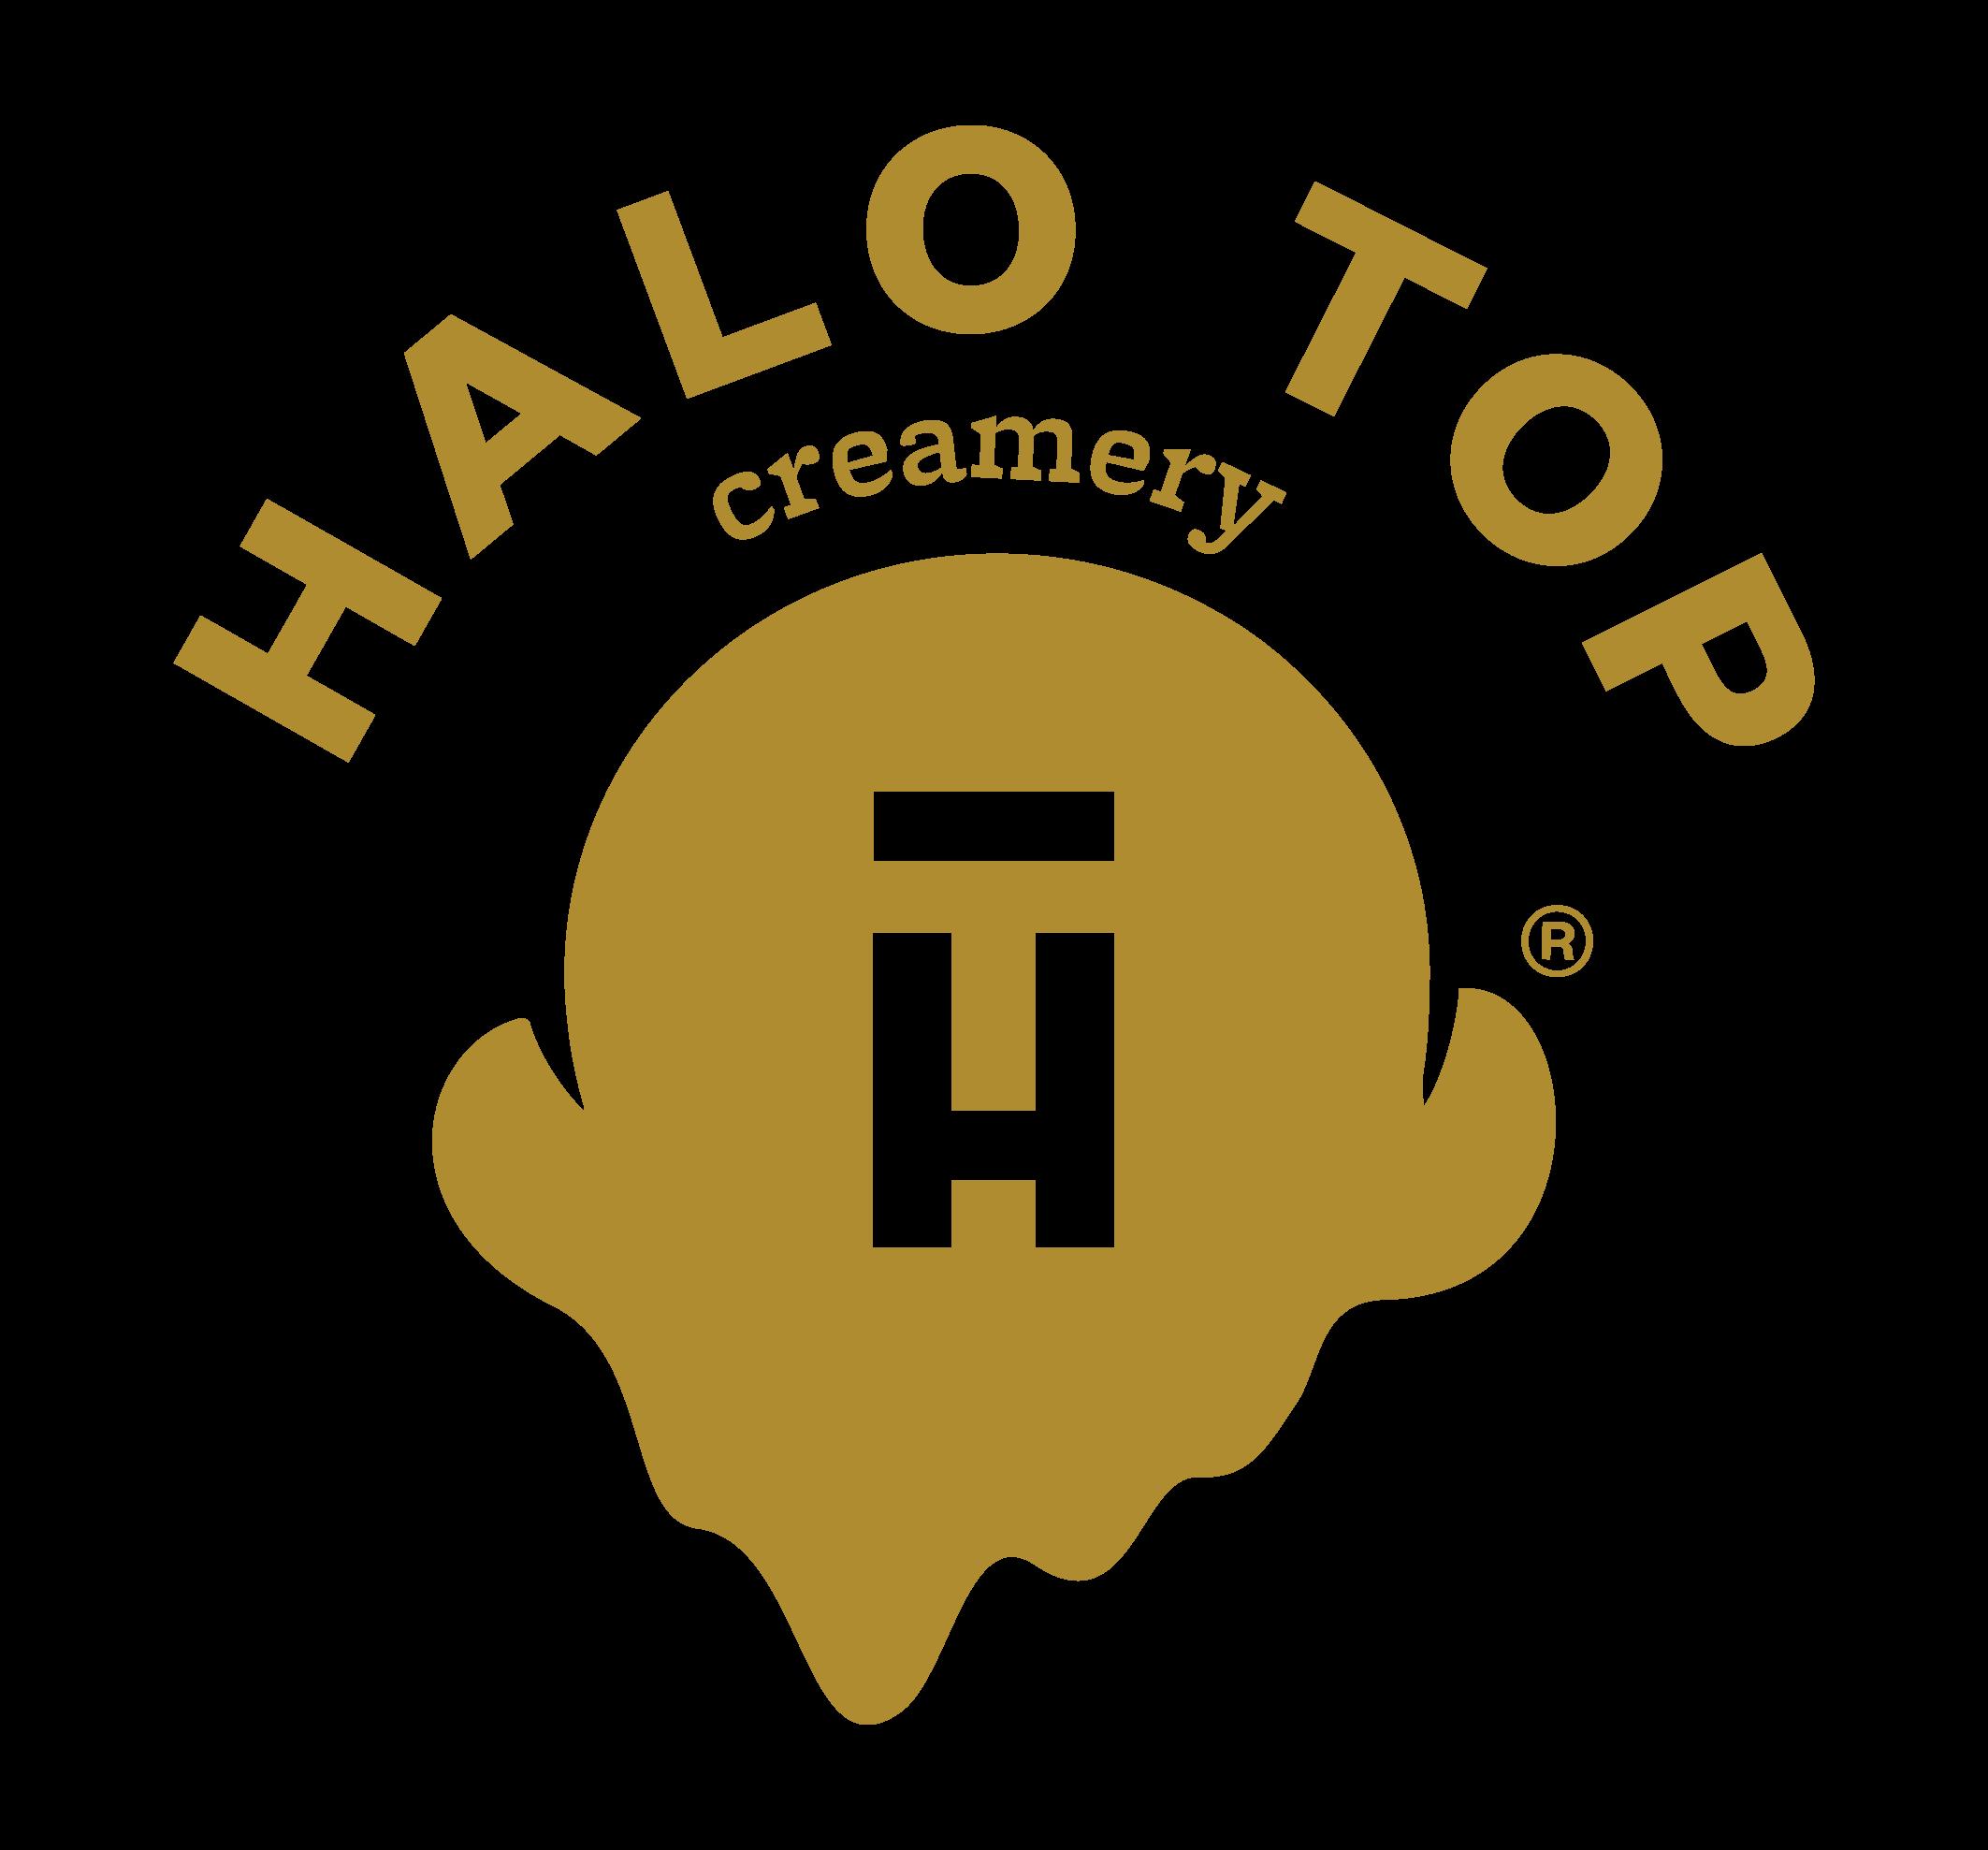 HT18_logo_full_0618update.png